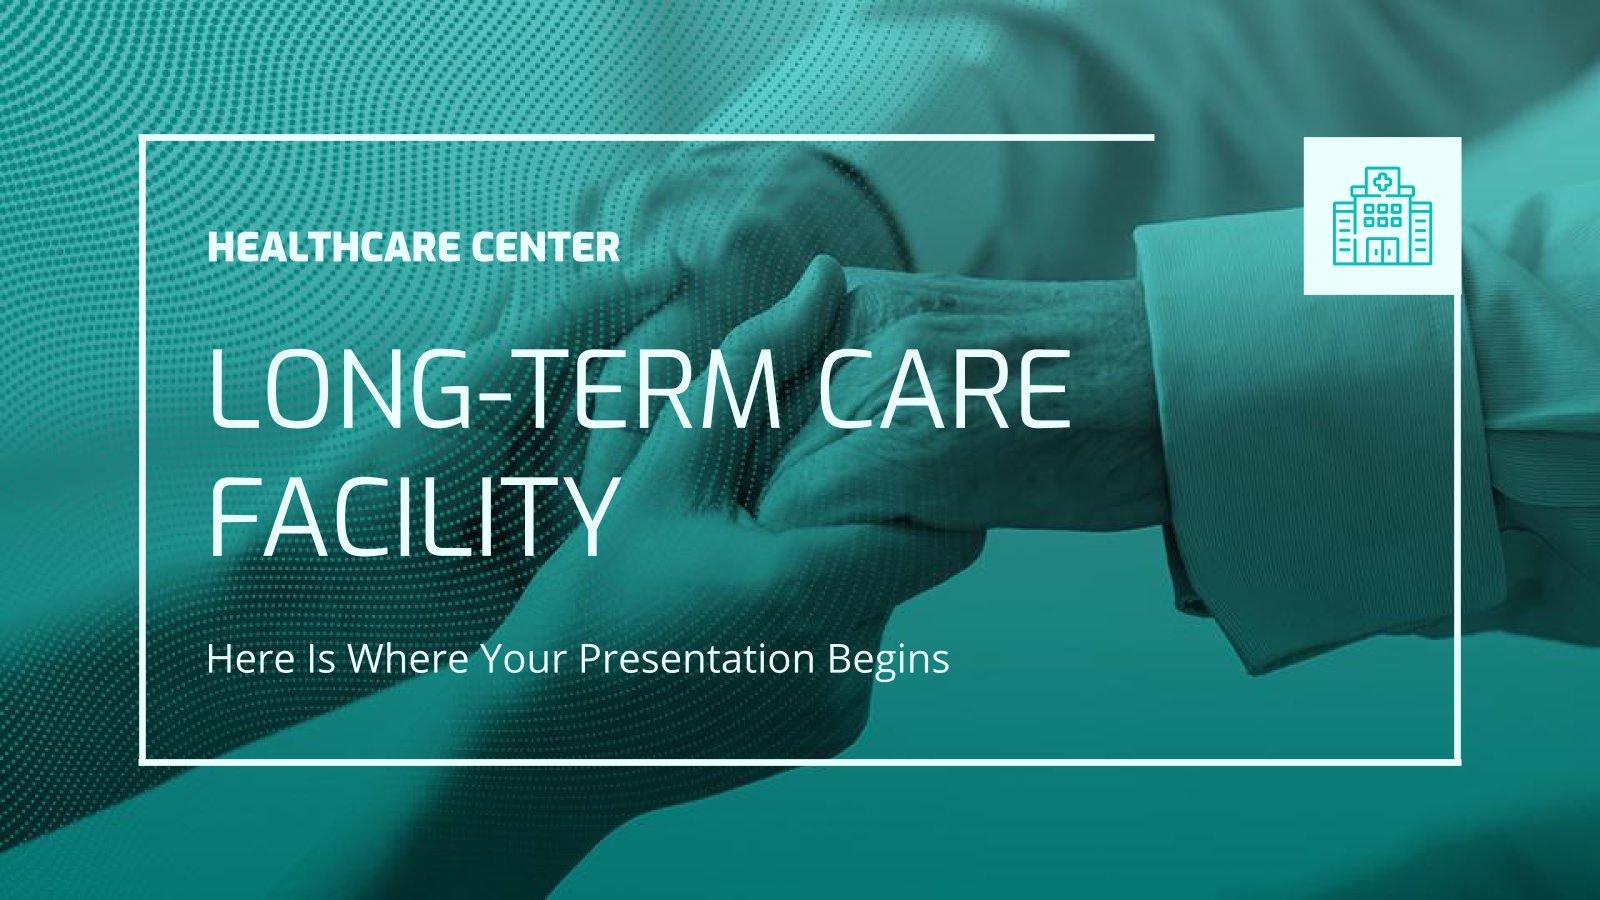 Plantilla de presentación Centro de cuidados de larga duración